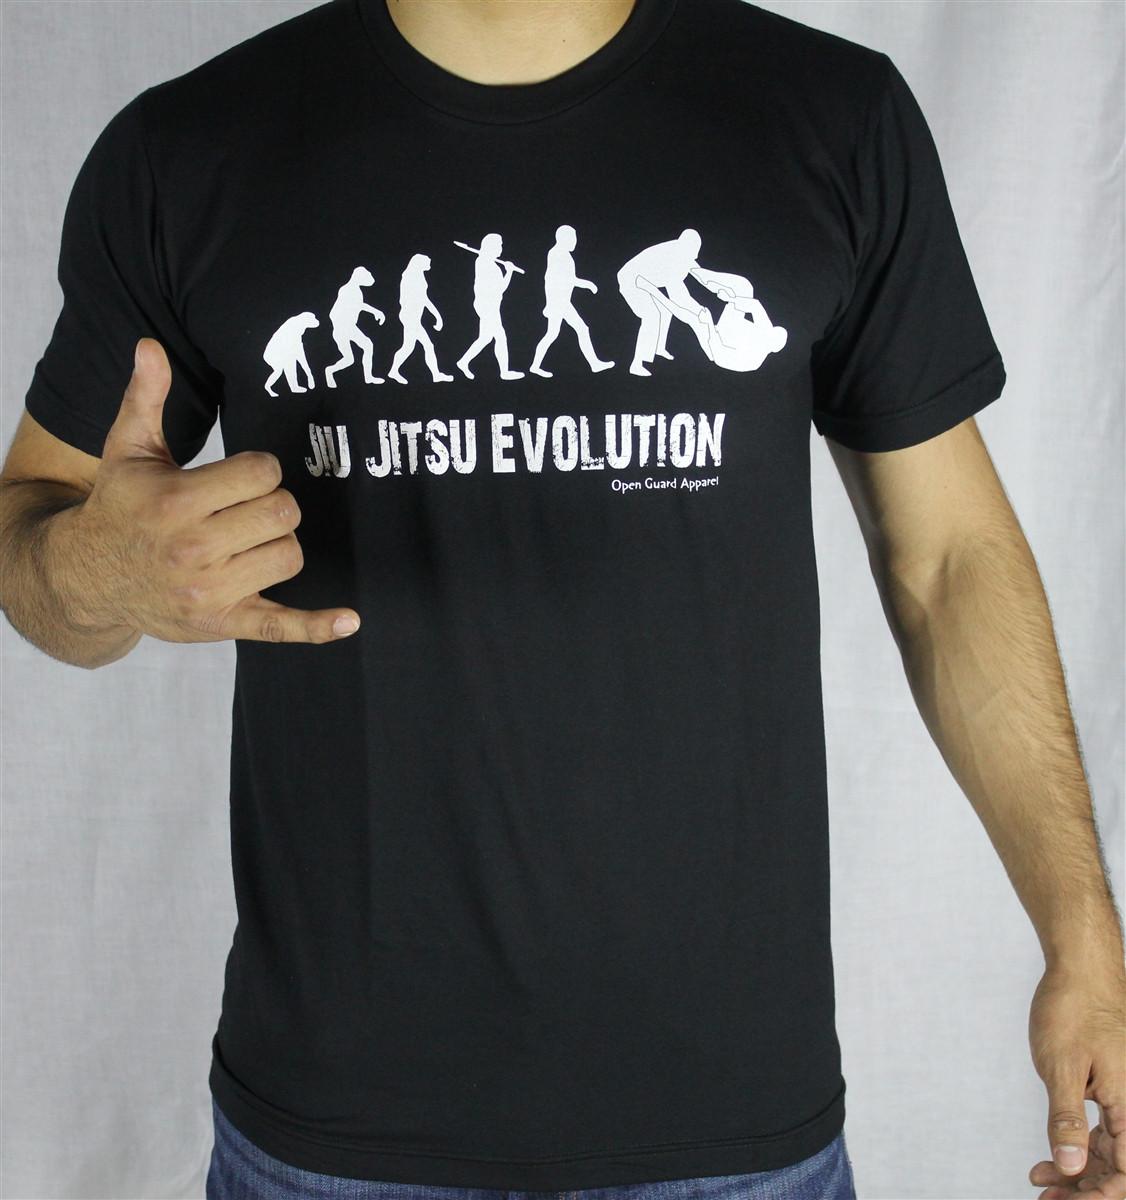 Jiu Jitsu Evolution Tshirt Open Guard Apparel